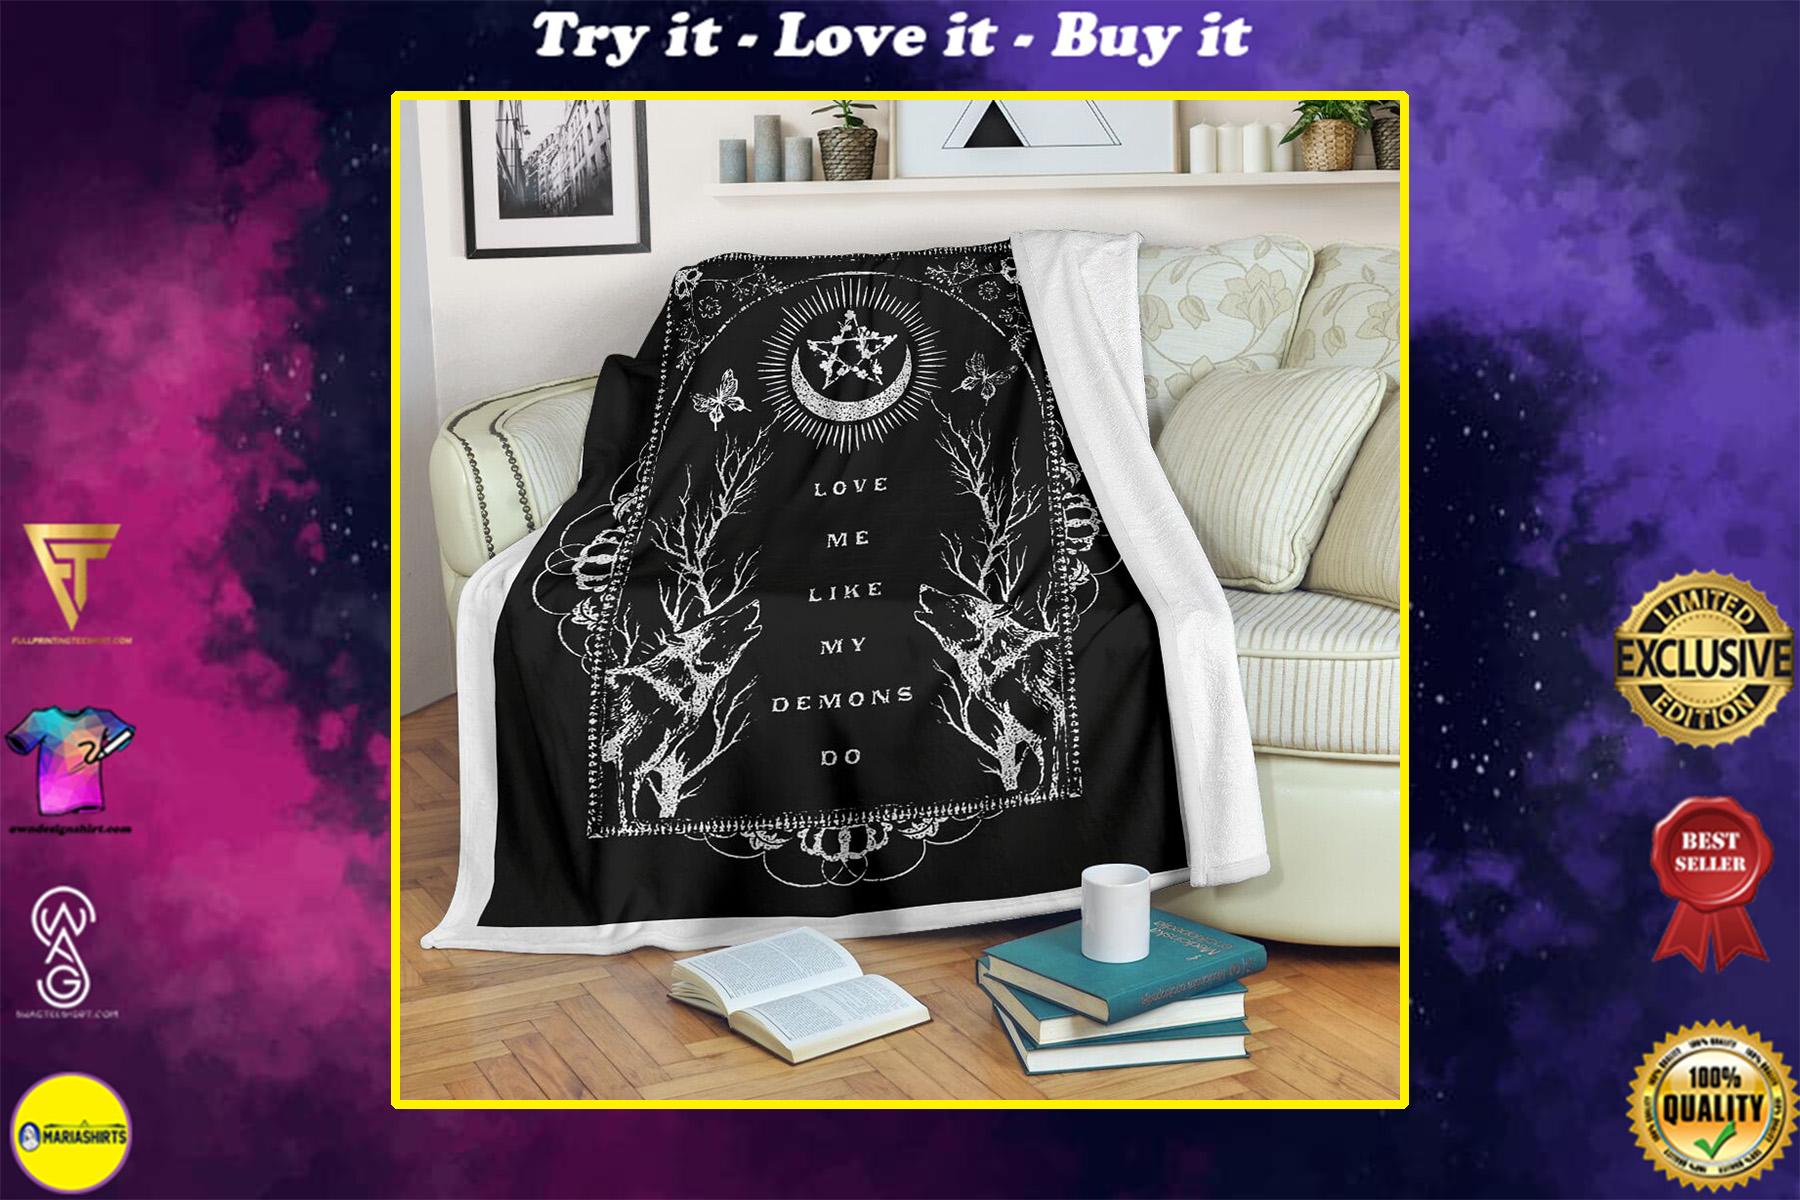 love me like my demons do full printing blanket